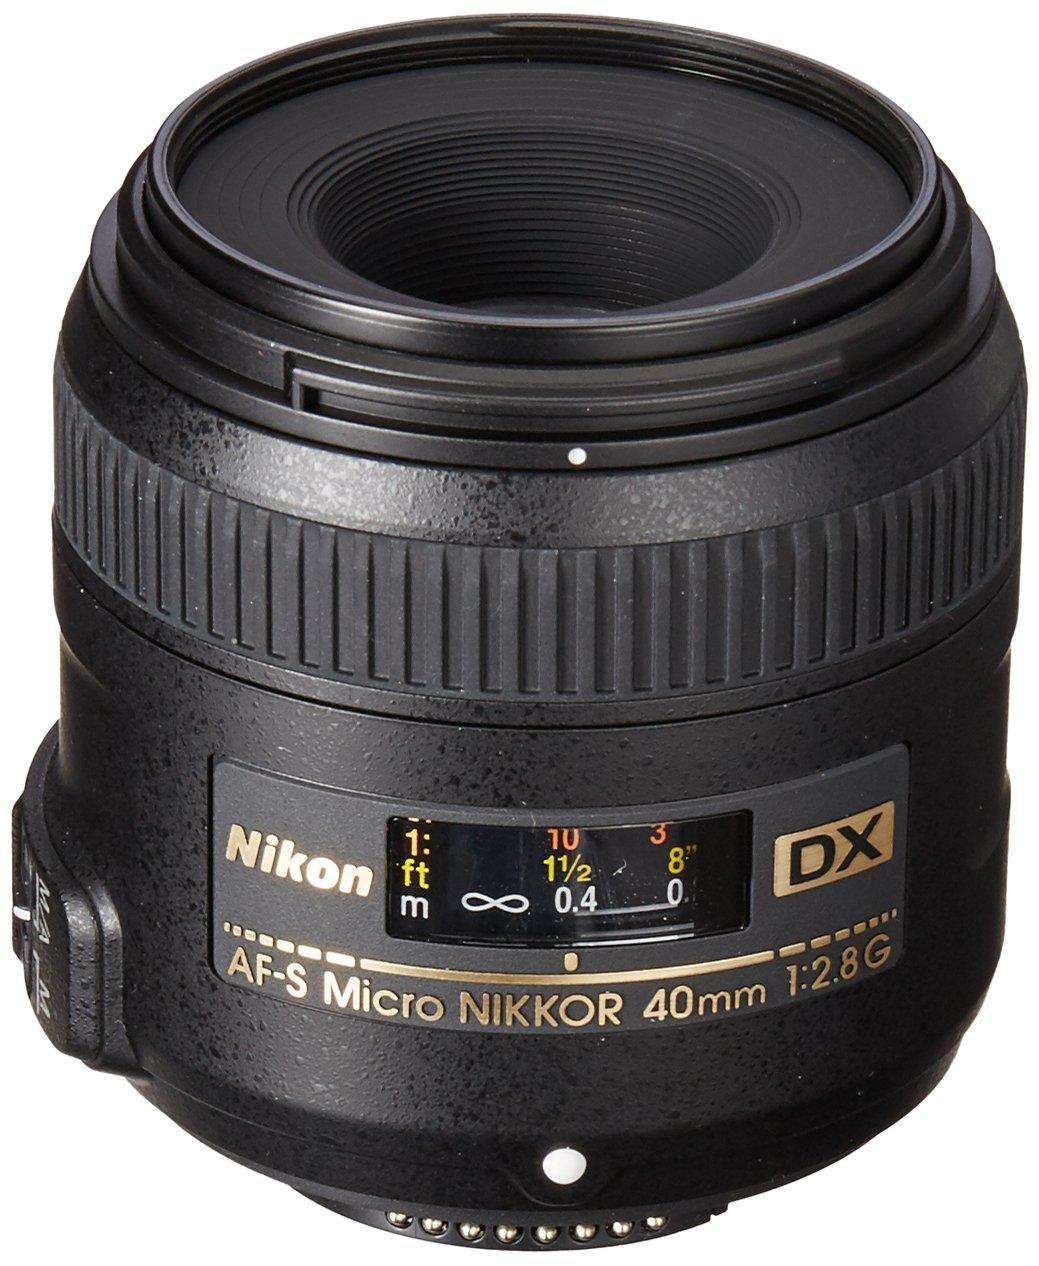 Nikon AF-S DX Micro-NIKKOR 40mm f/2.8G Close-up Lens for Nikon DSLR Cameras by Nikon